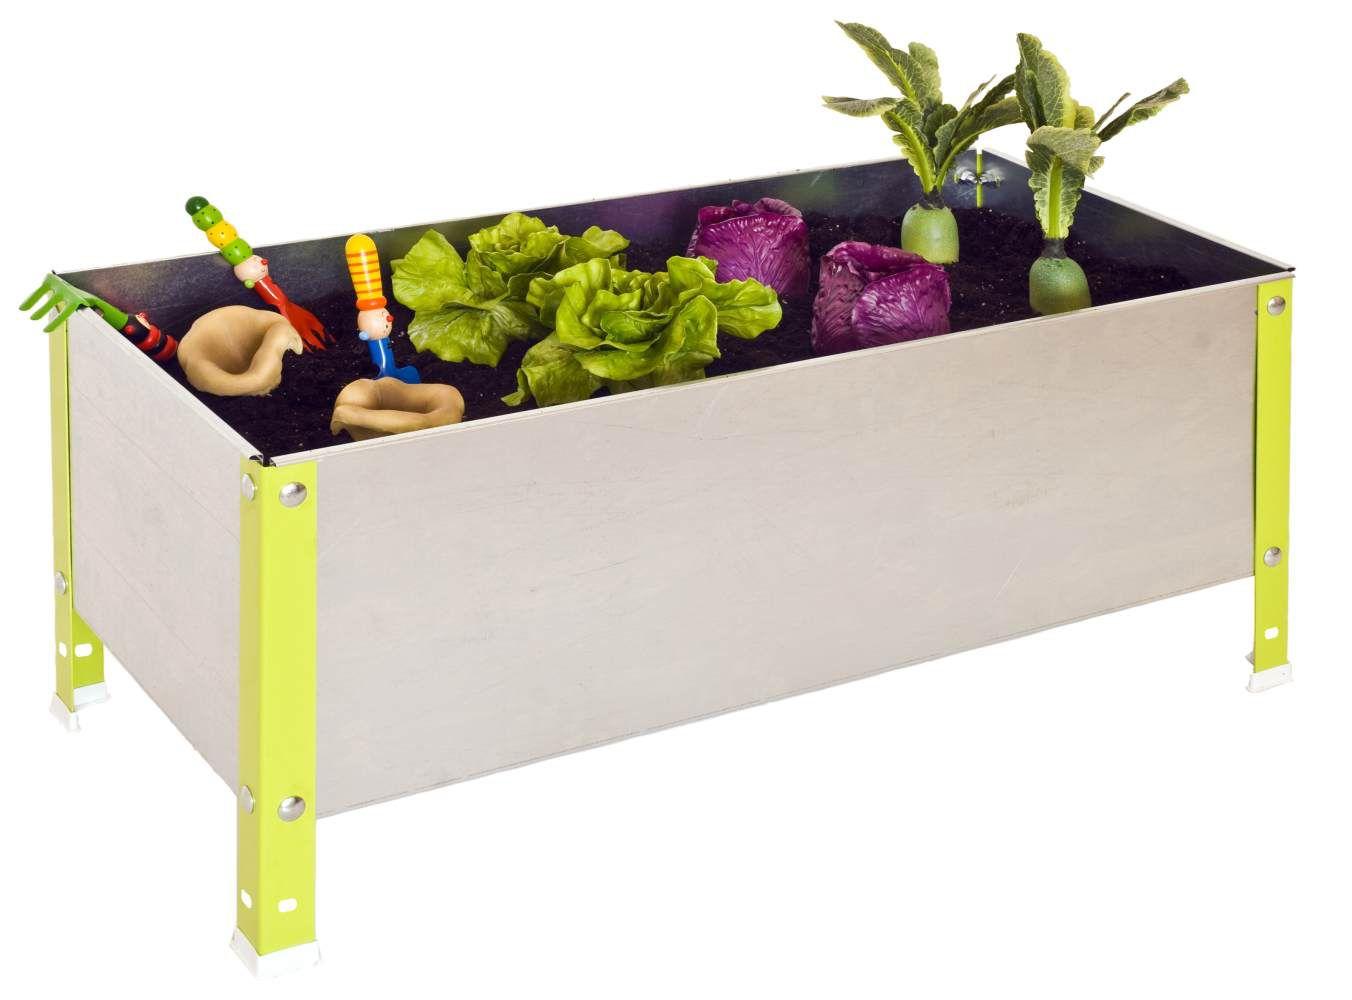 Pflanzbox Urban Garden, Farbe: Grau / Grün, Maße: 41 x 120 x 60 cm (H x B x T)